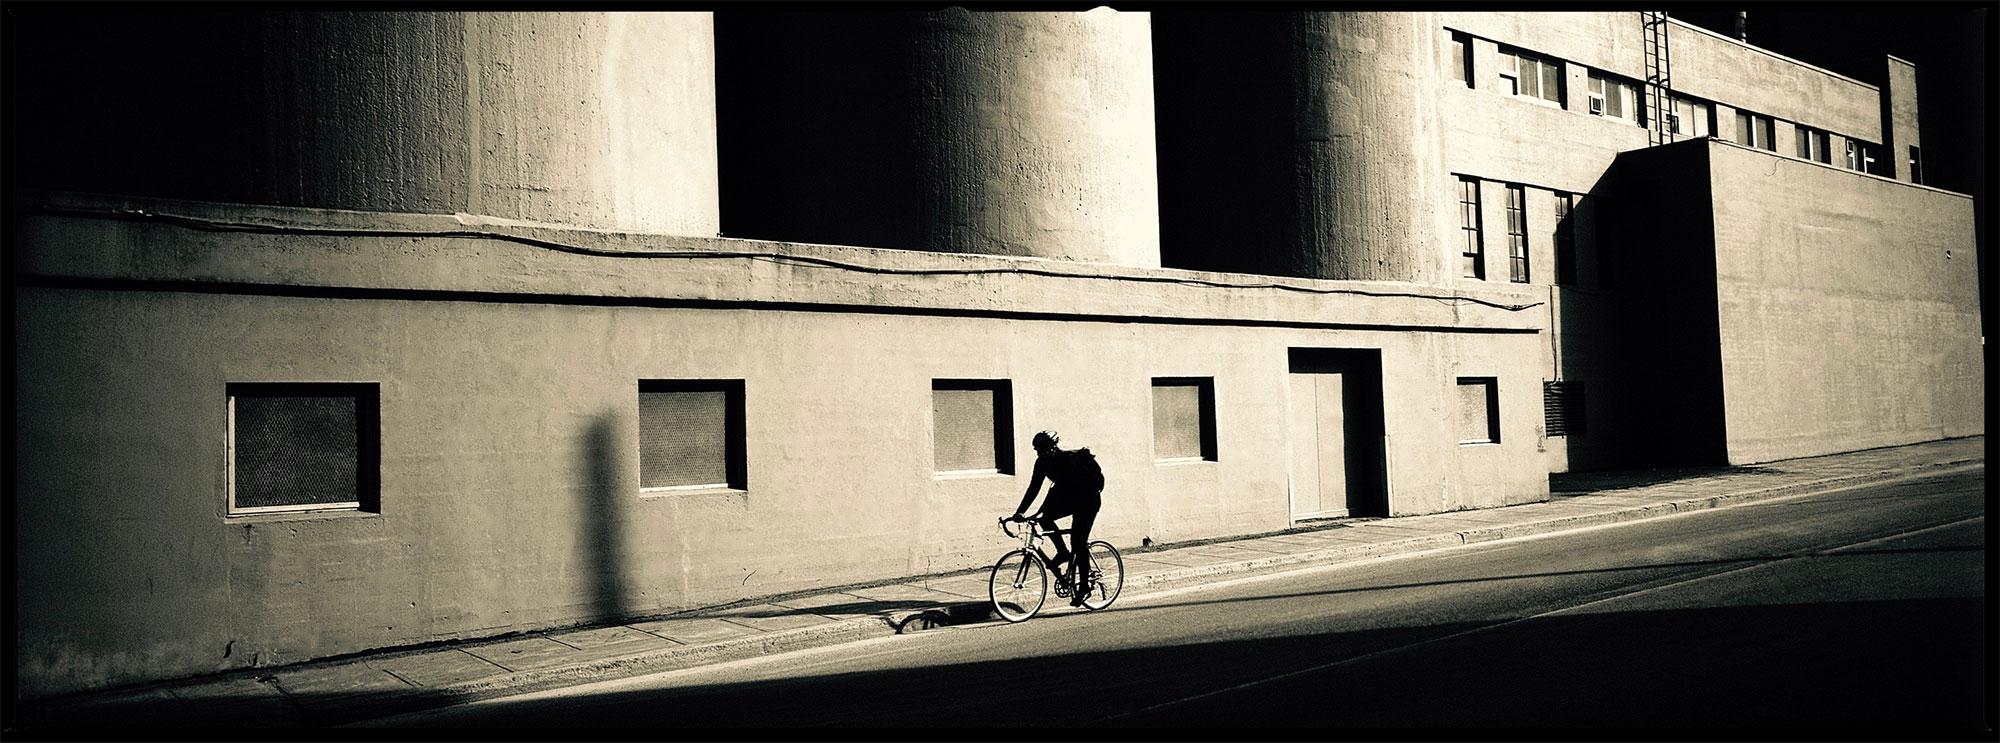 Mill Street - 2 / Montréal